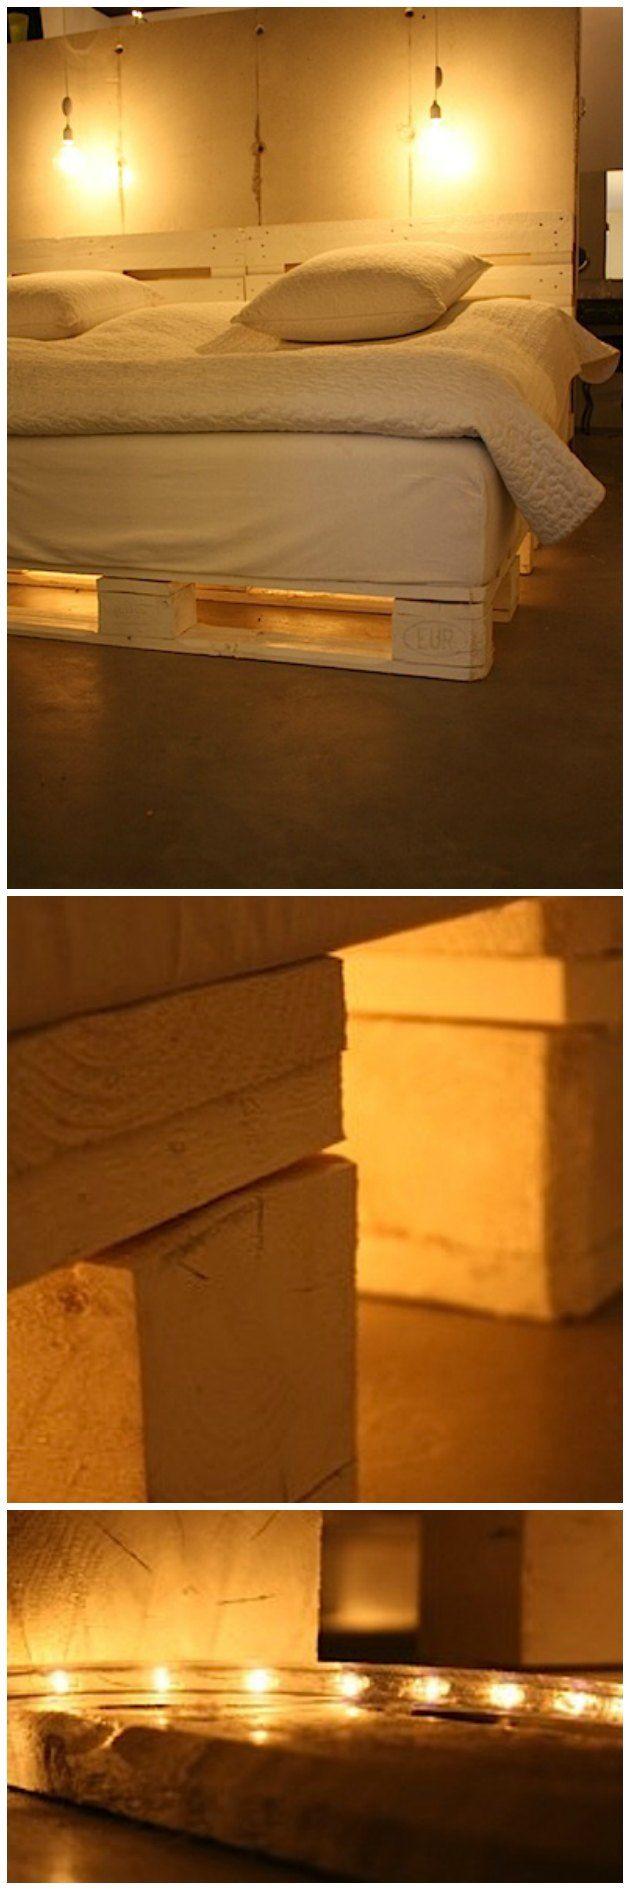 hvid seng af eu-paller med lys under og med hovedgærde